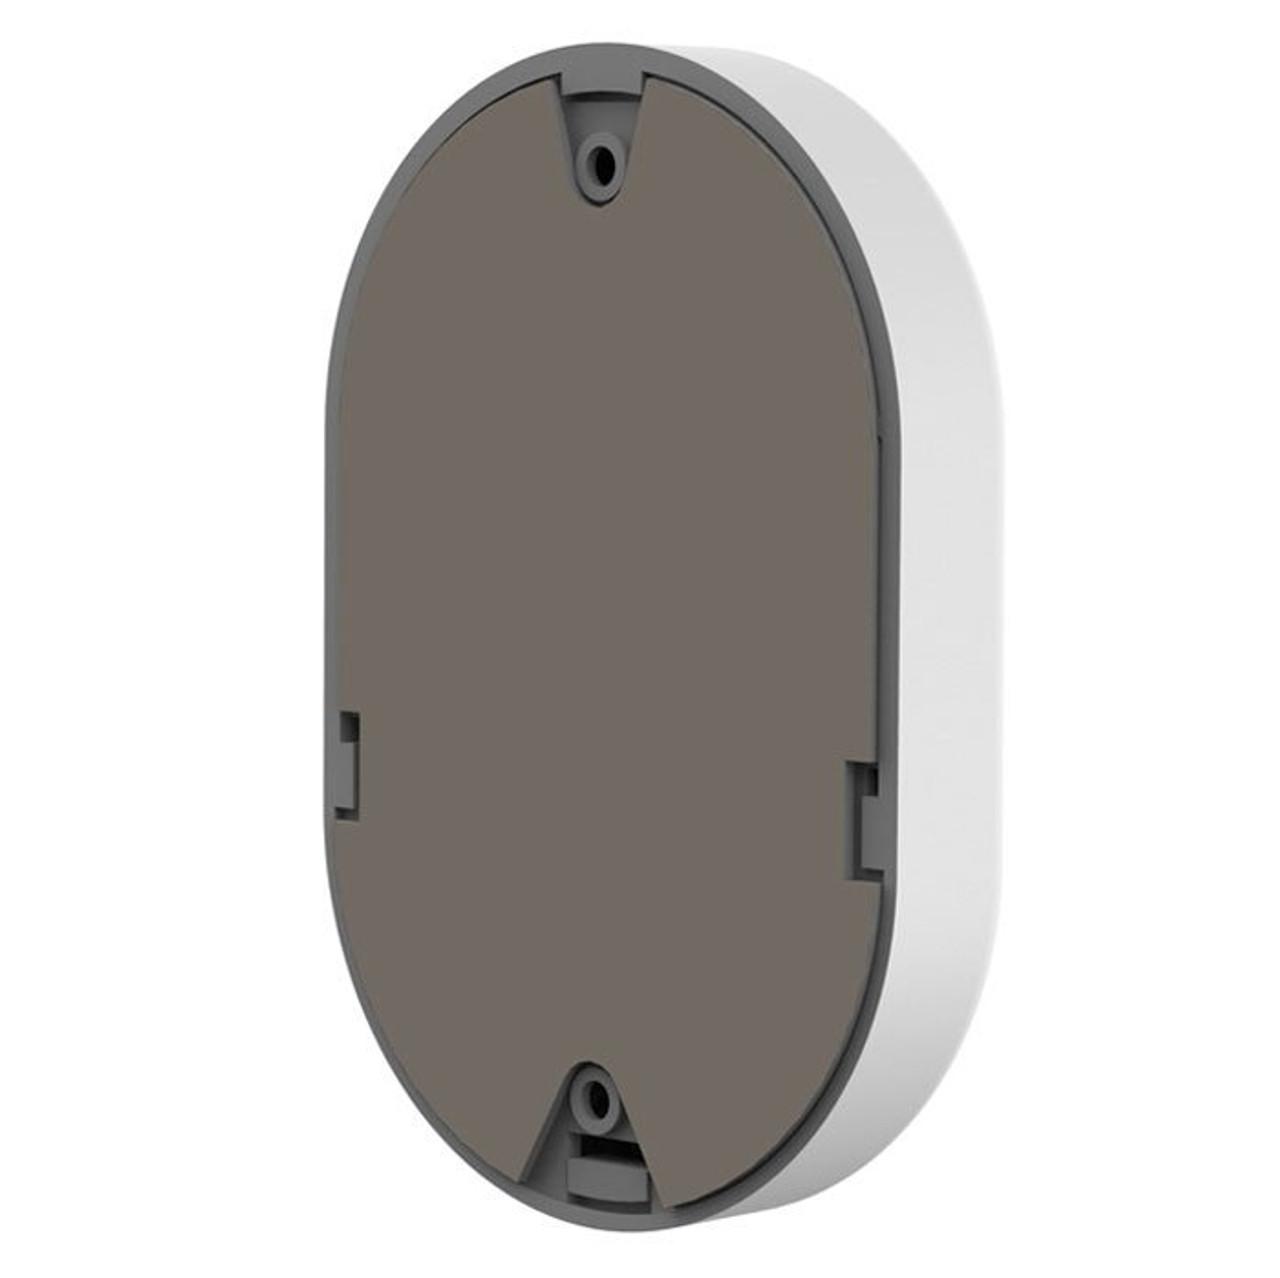 WiFi Smart Home Doorbell Camera